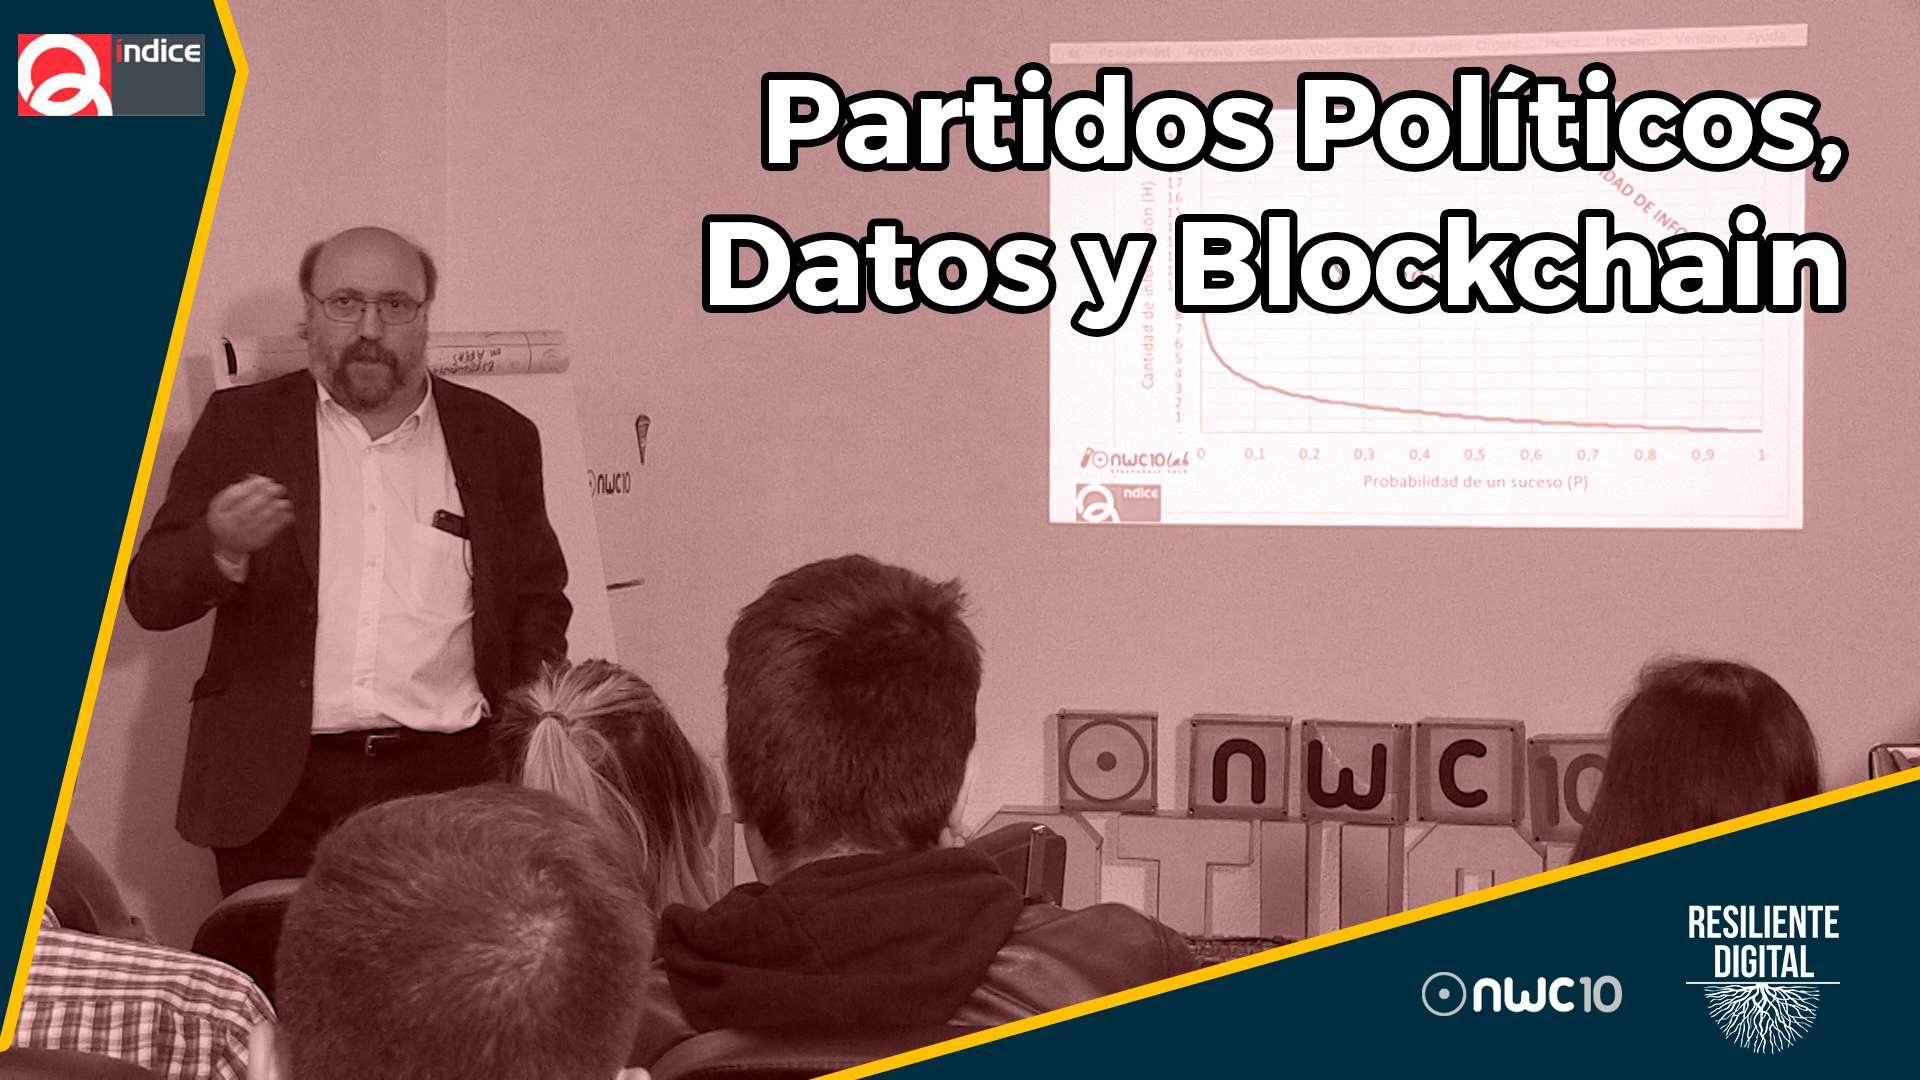 Partidos políticos, datos y blockchain